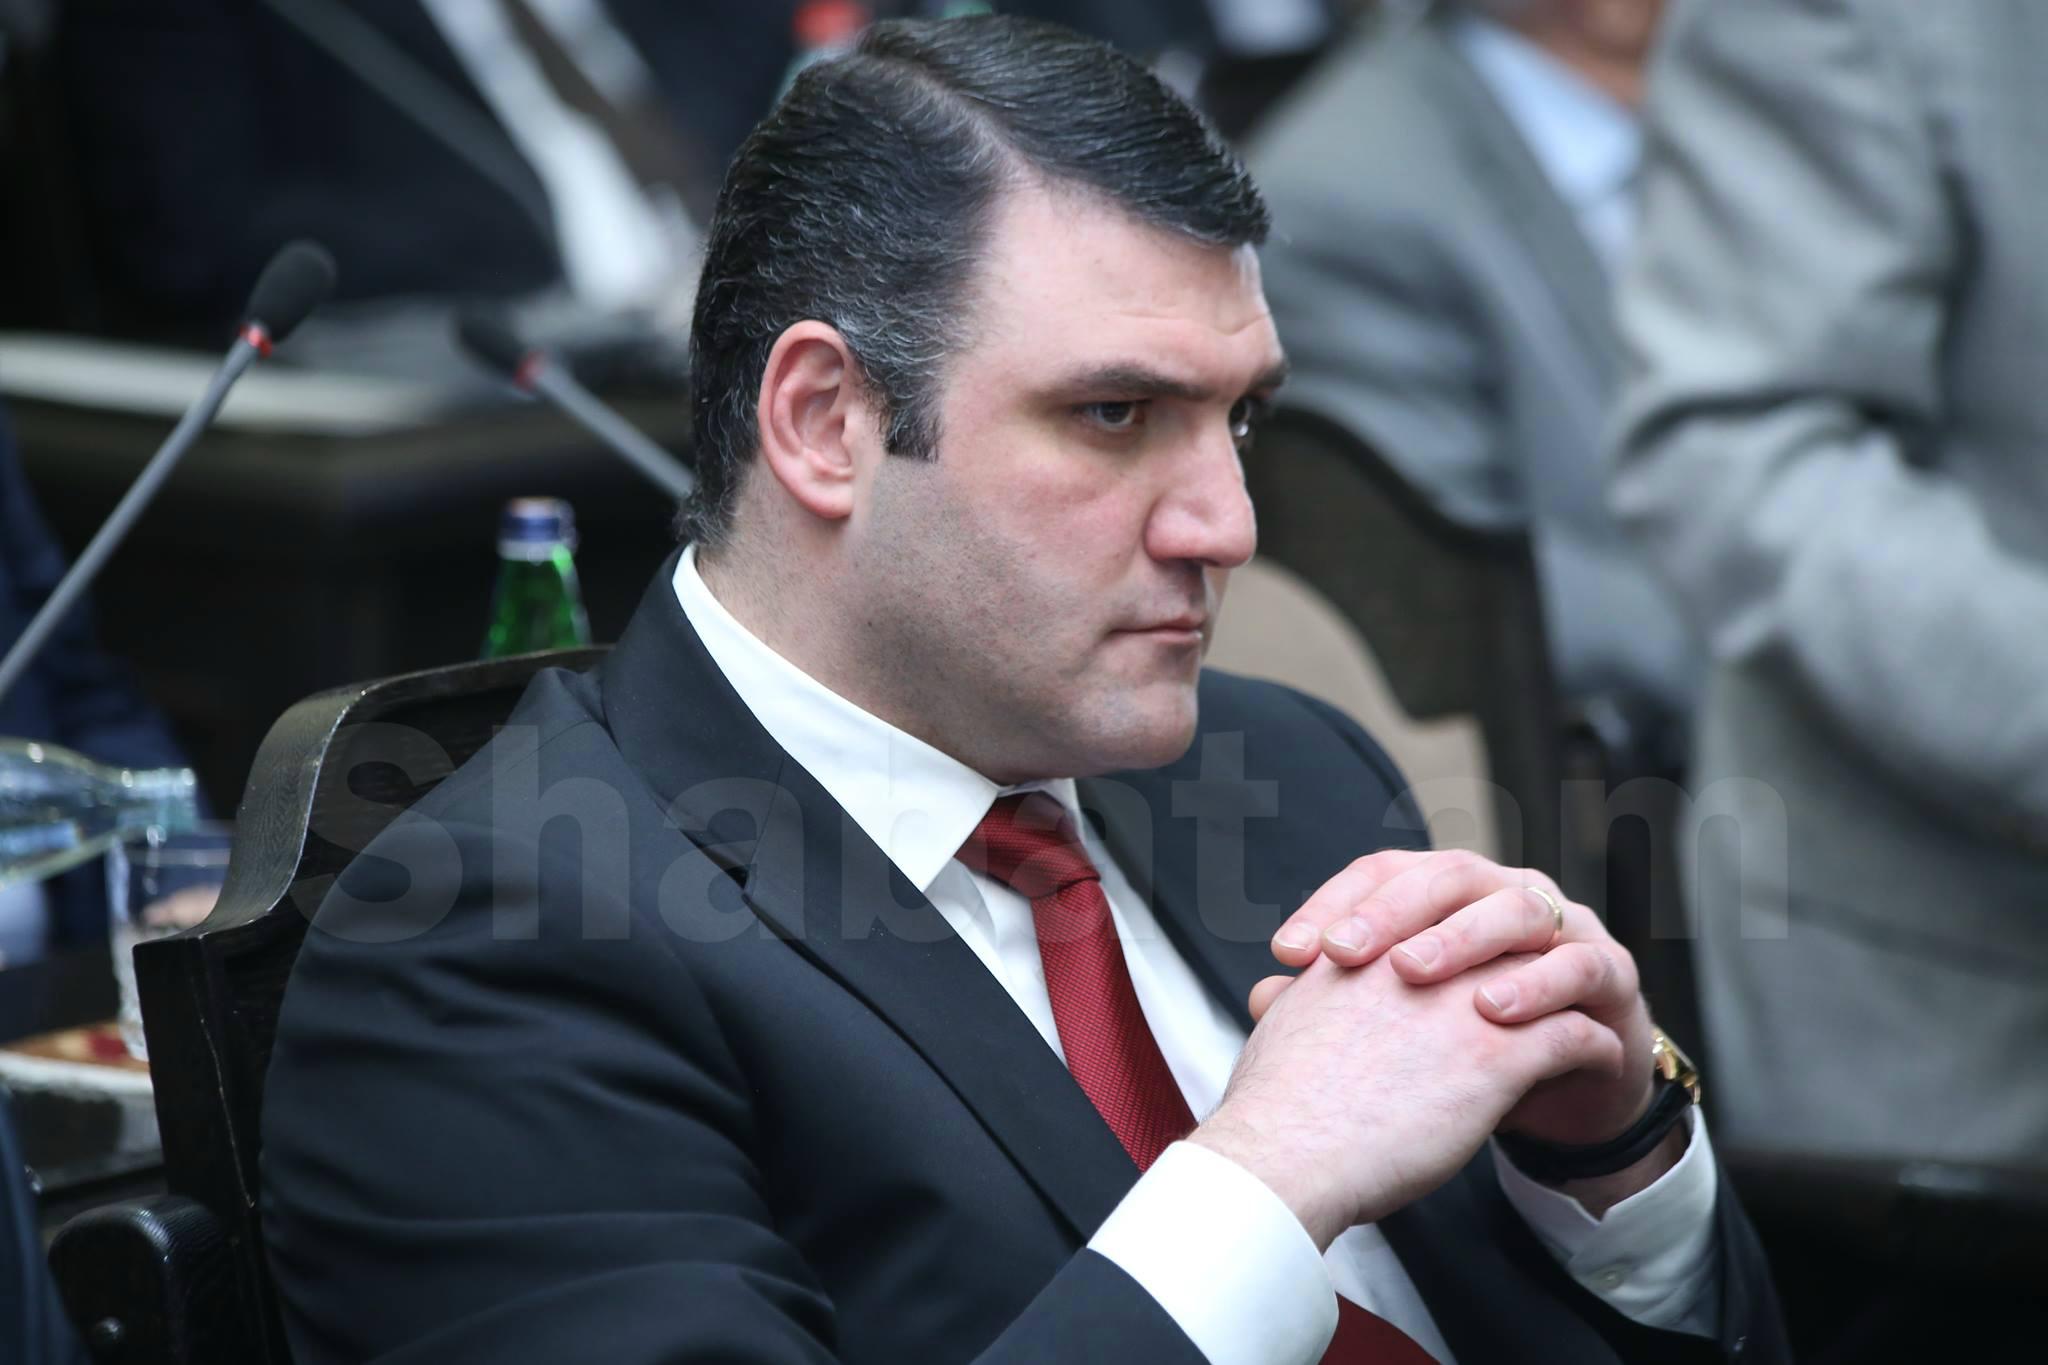 Գևորգ Կոստանյանն անում է իր քայլը. ինչ նորություն ունի նախկին գլխավոր դատախազը. «Ժողովուրդ»